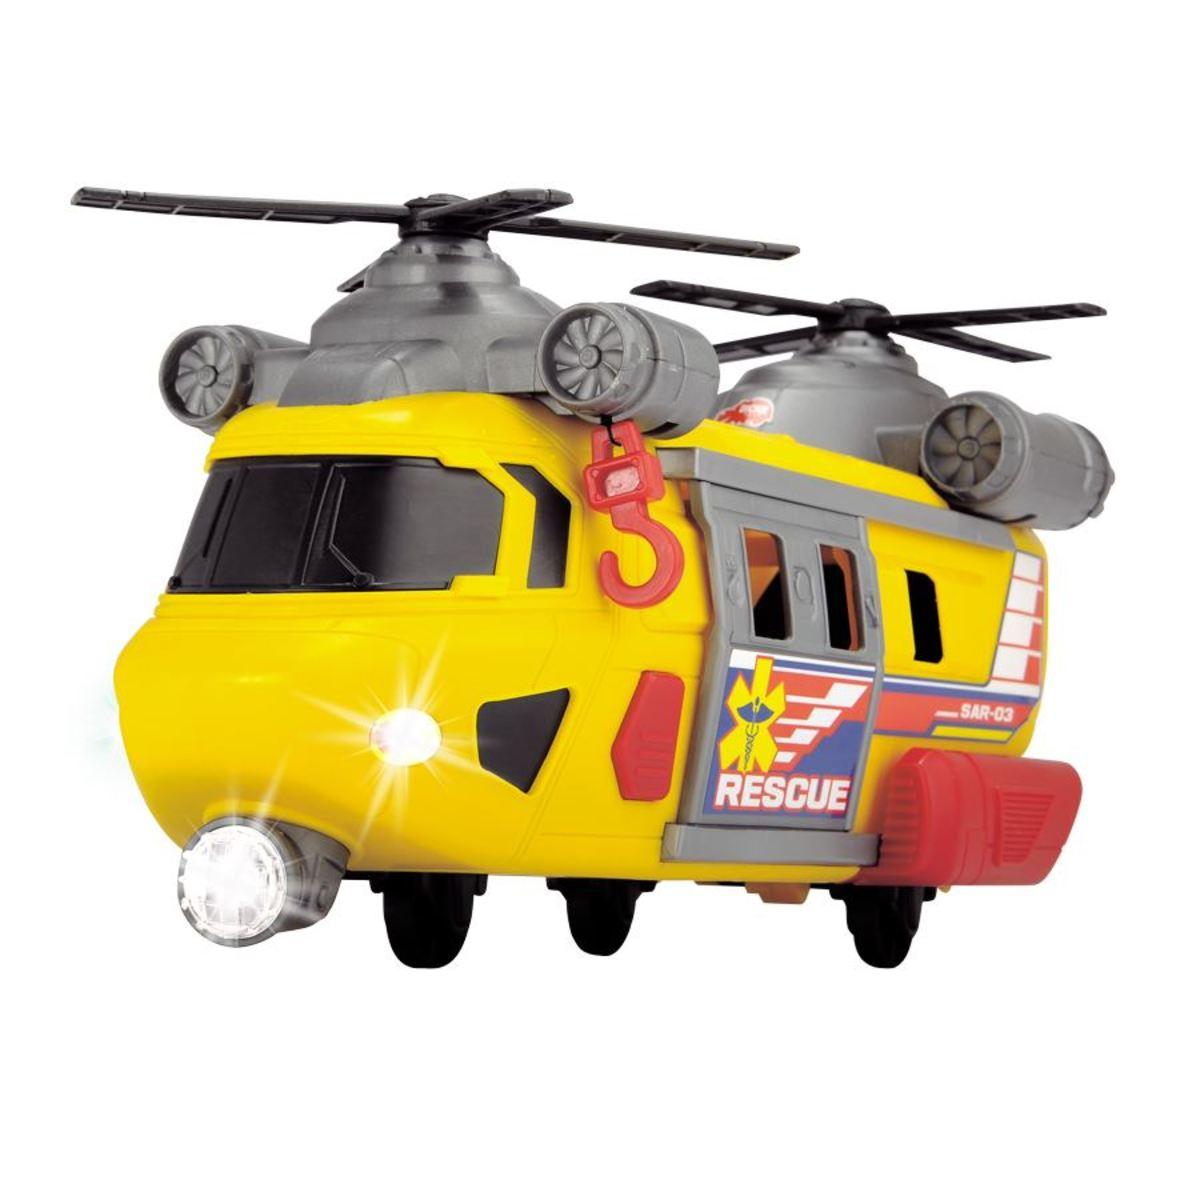 Bild 3 von Dickie Toys Rettungshubschrauber Rescue Helicopter